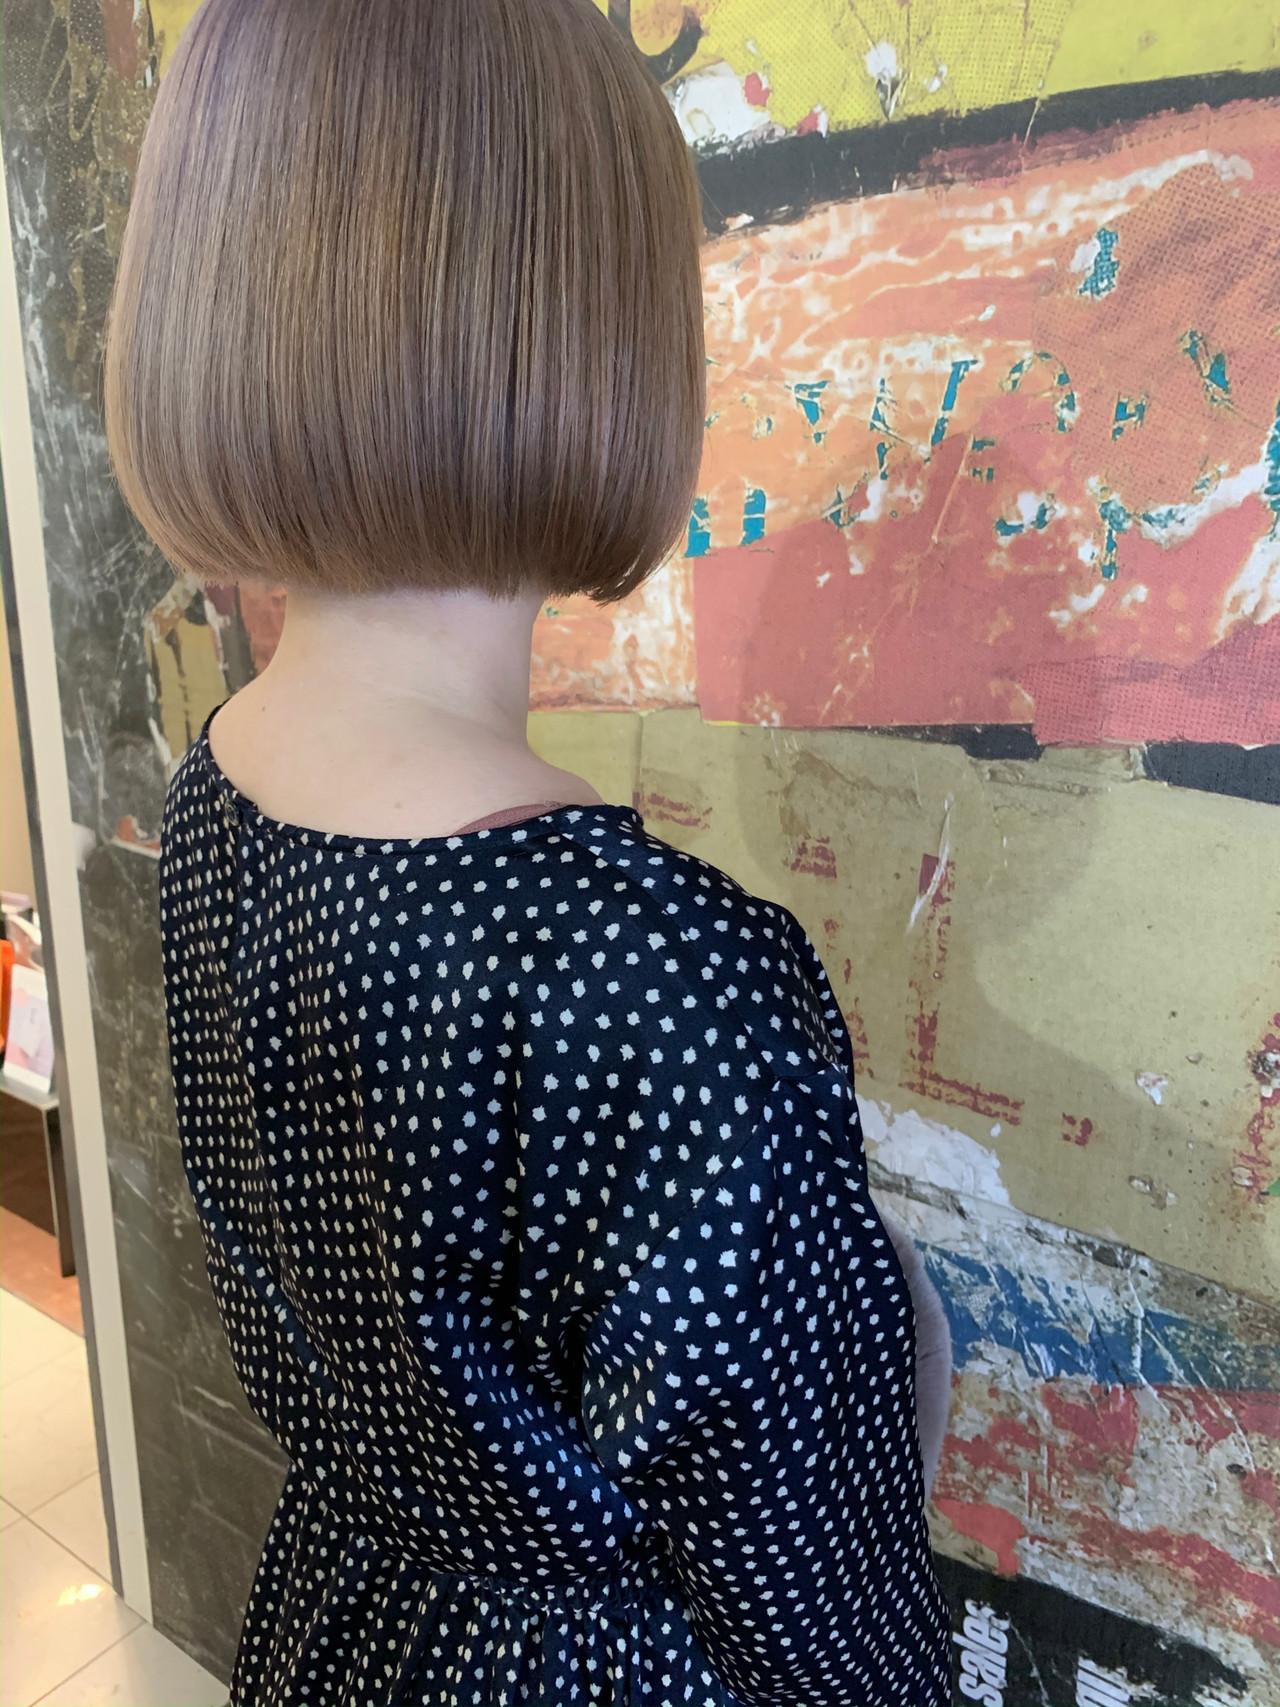 ミニボブ ボブ ショートボブ イルミナカラー ヘアスタイルや髪型の写真・画像